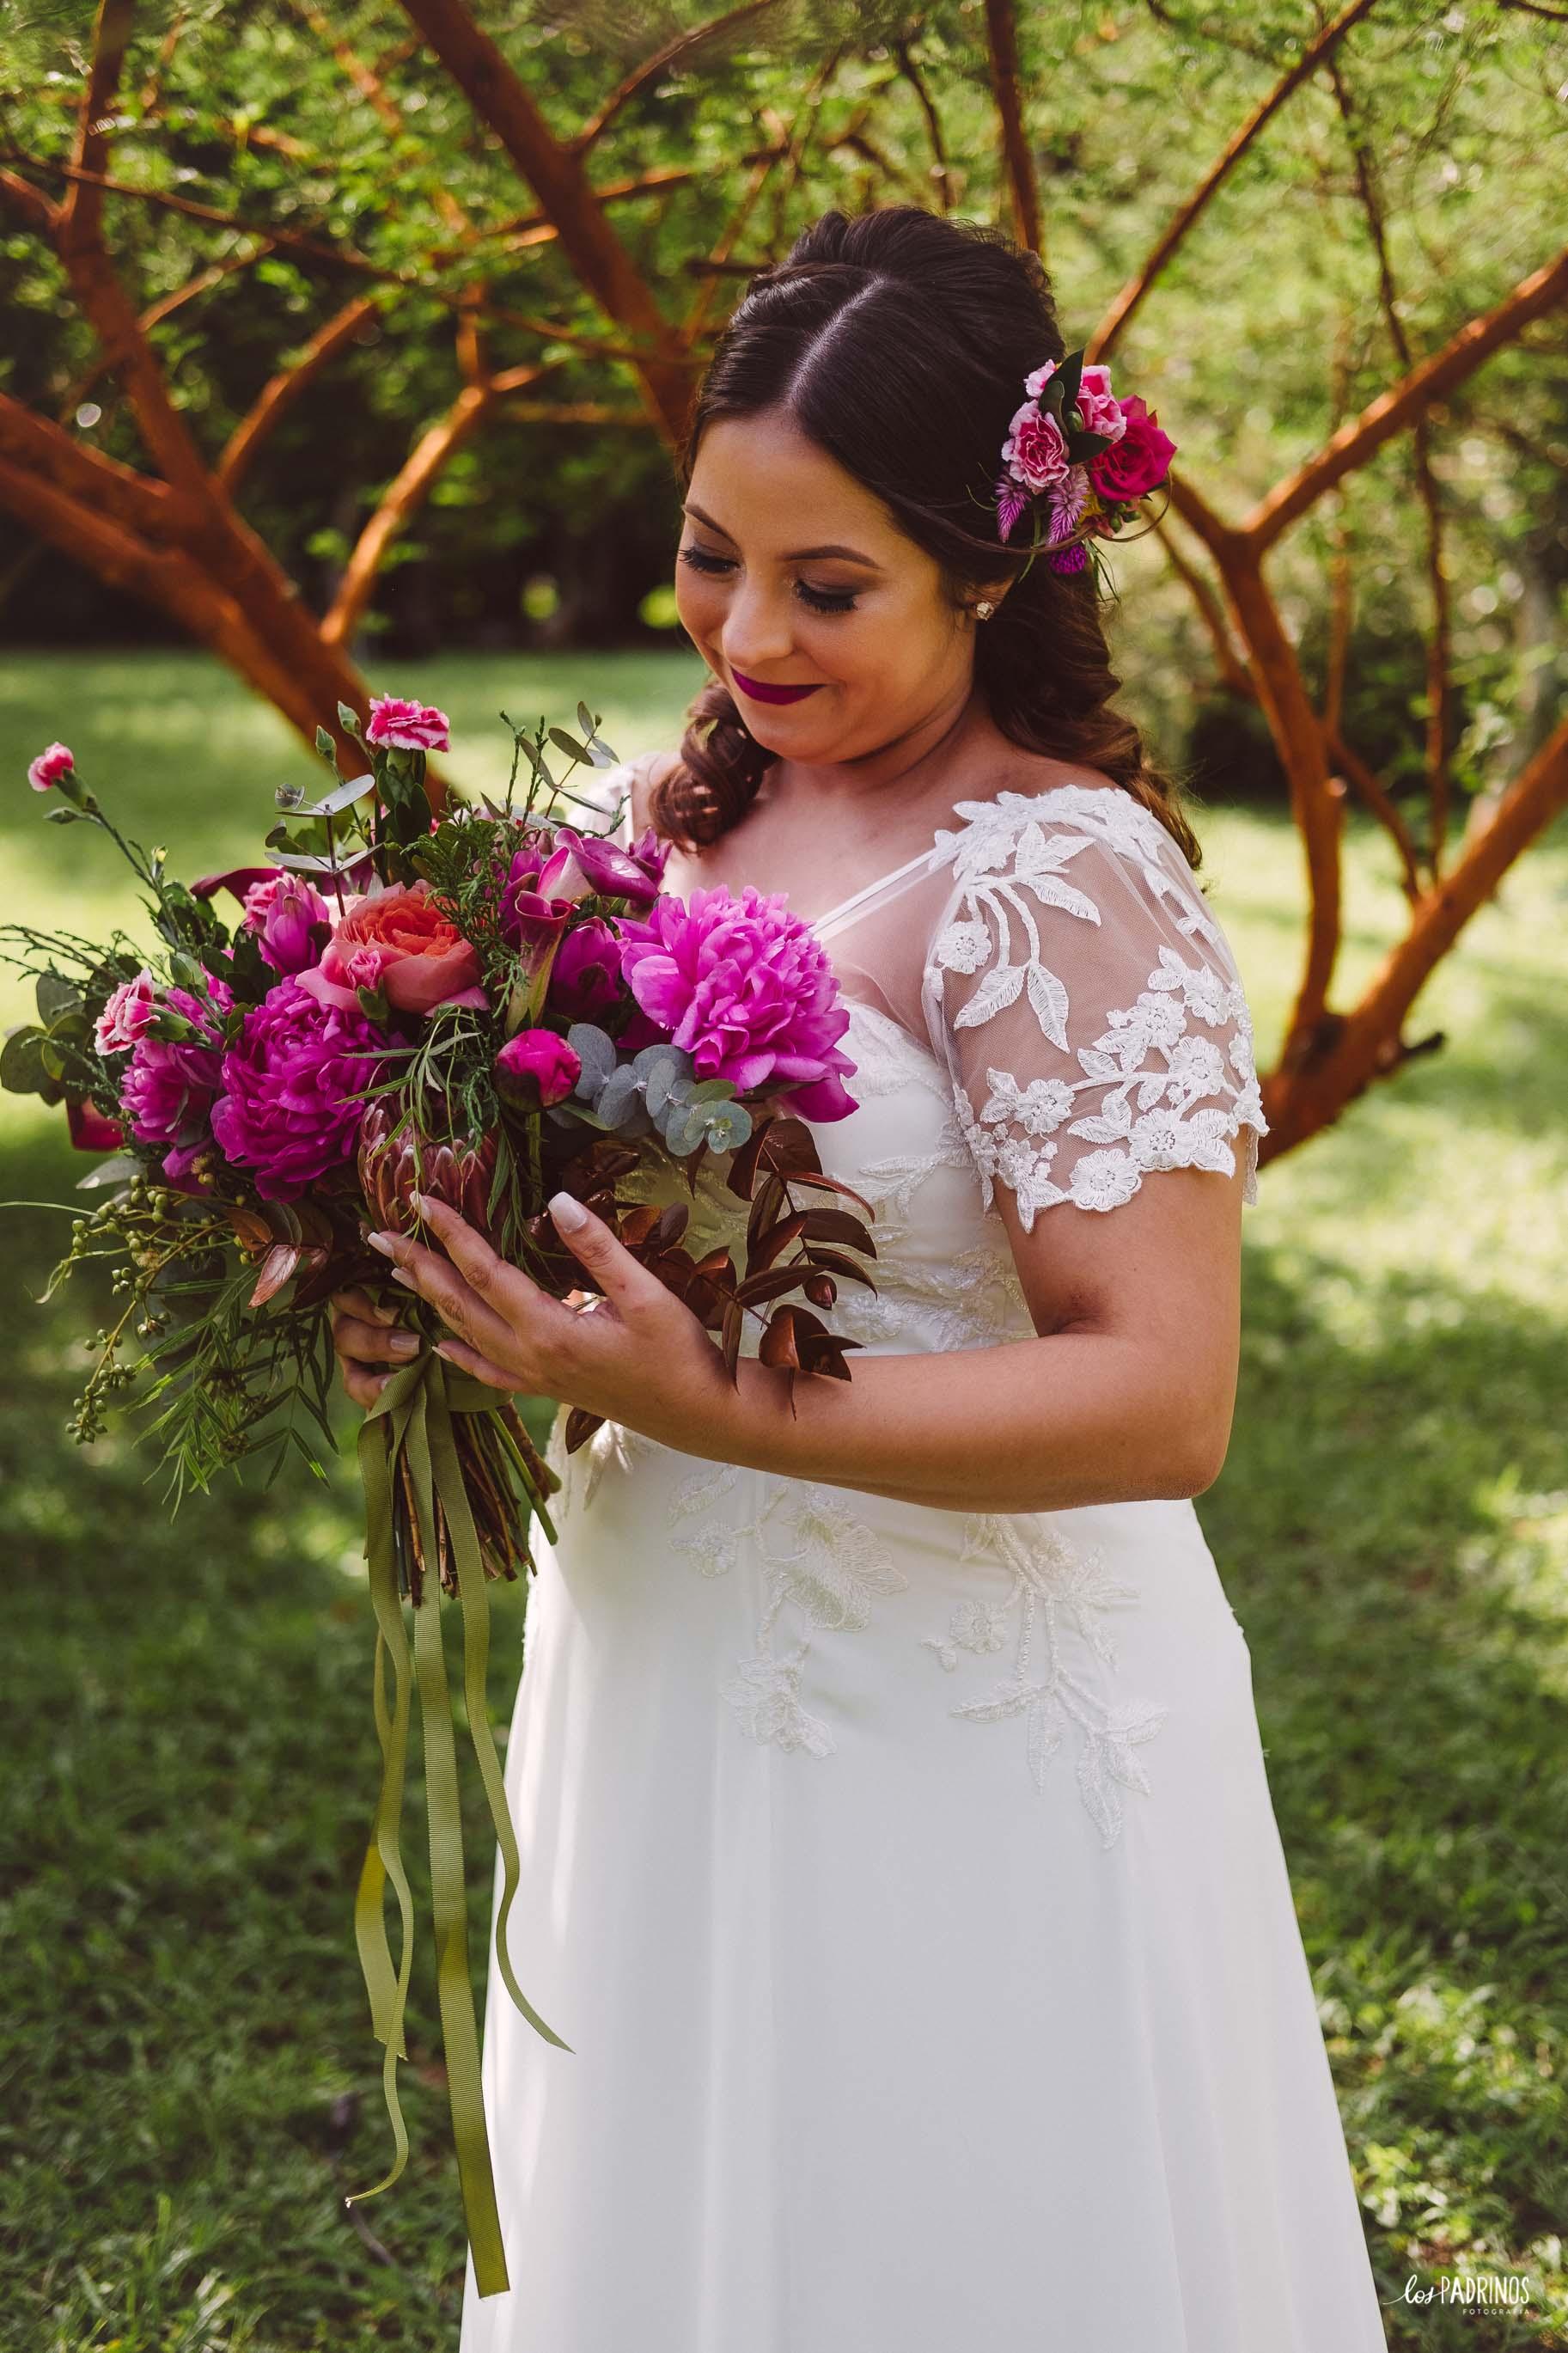 los-padrinos-fotografia-casamento-espaco-arcadia-soraia-roberto-renata-mario_0237.jpg